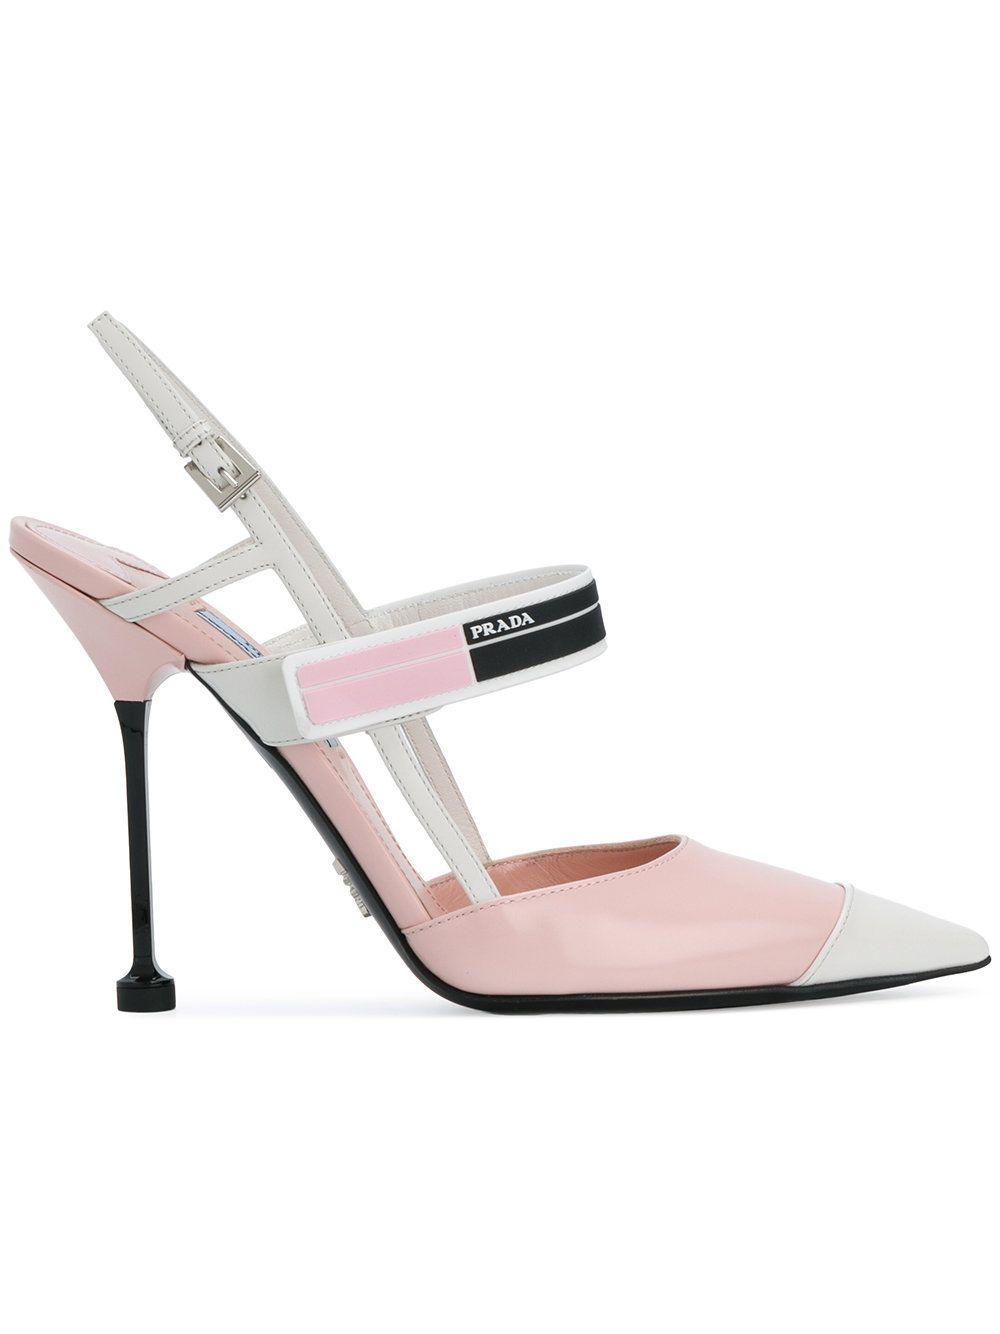 5d3d6e543fbb9 Kitten Heels · Prada zapatos de tacón con tira en el talón Slingback Pump,  Calf Leather, Leather